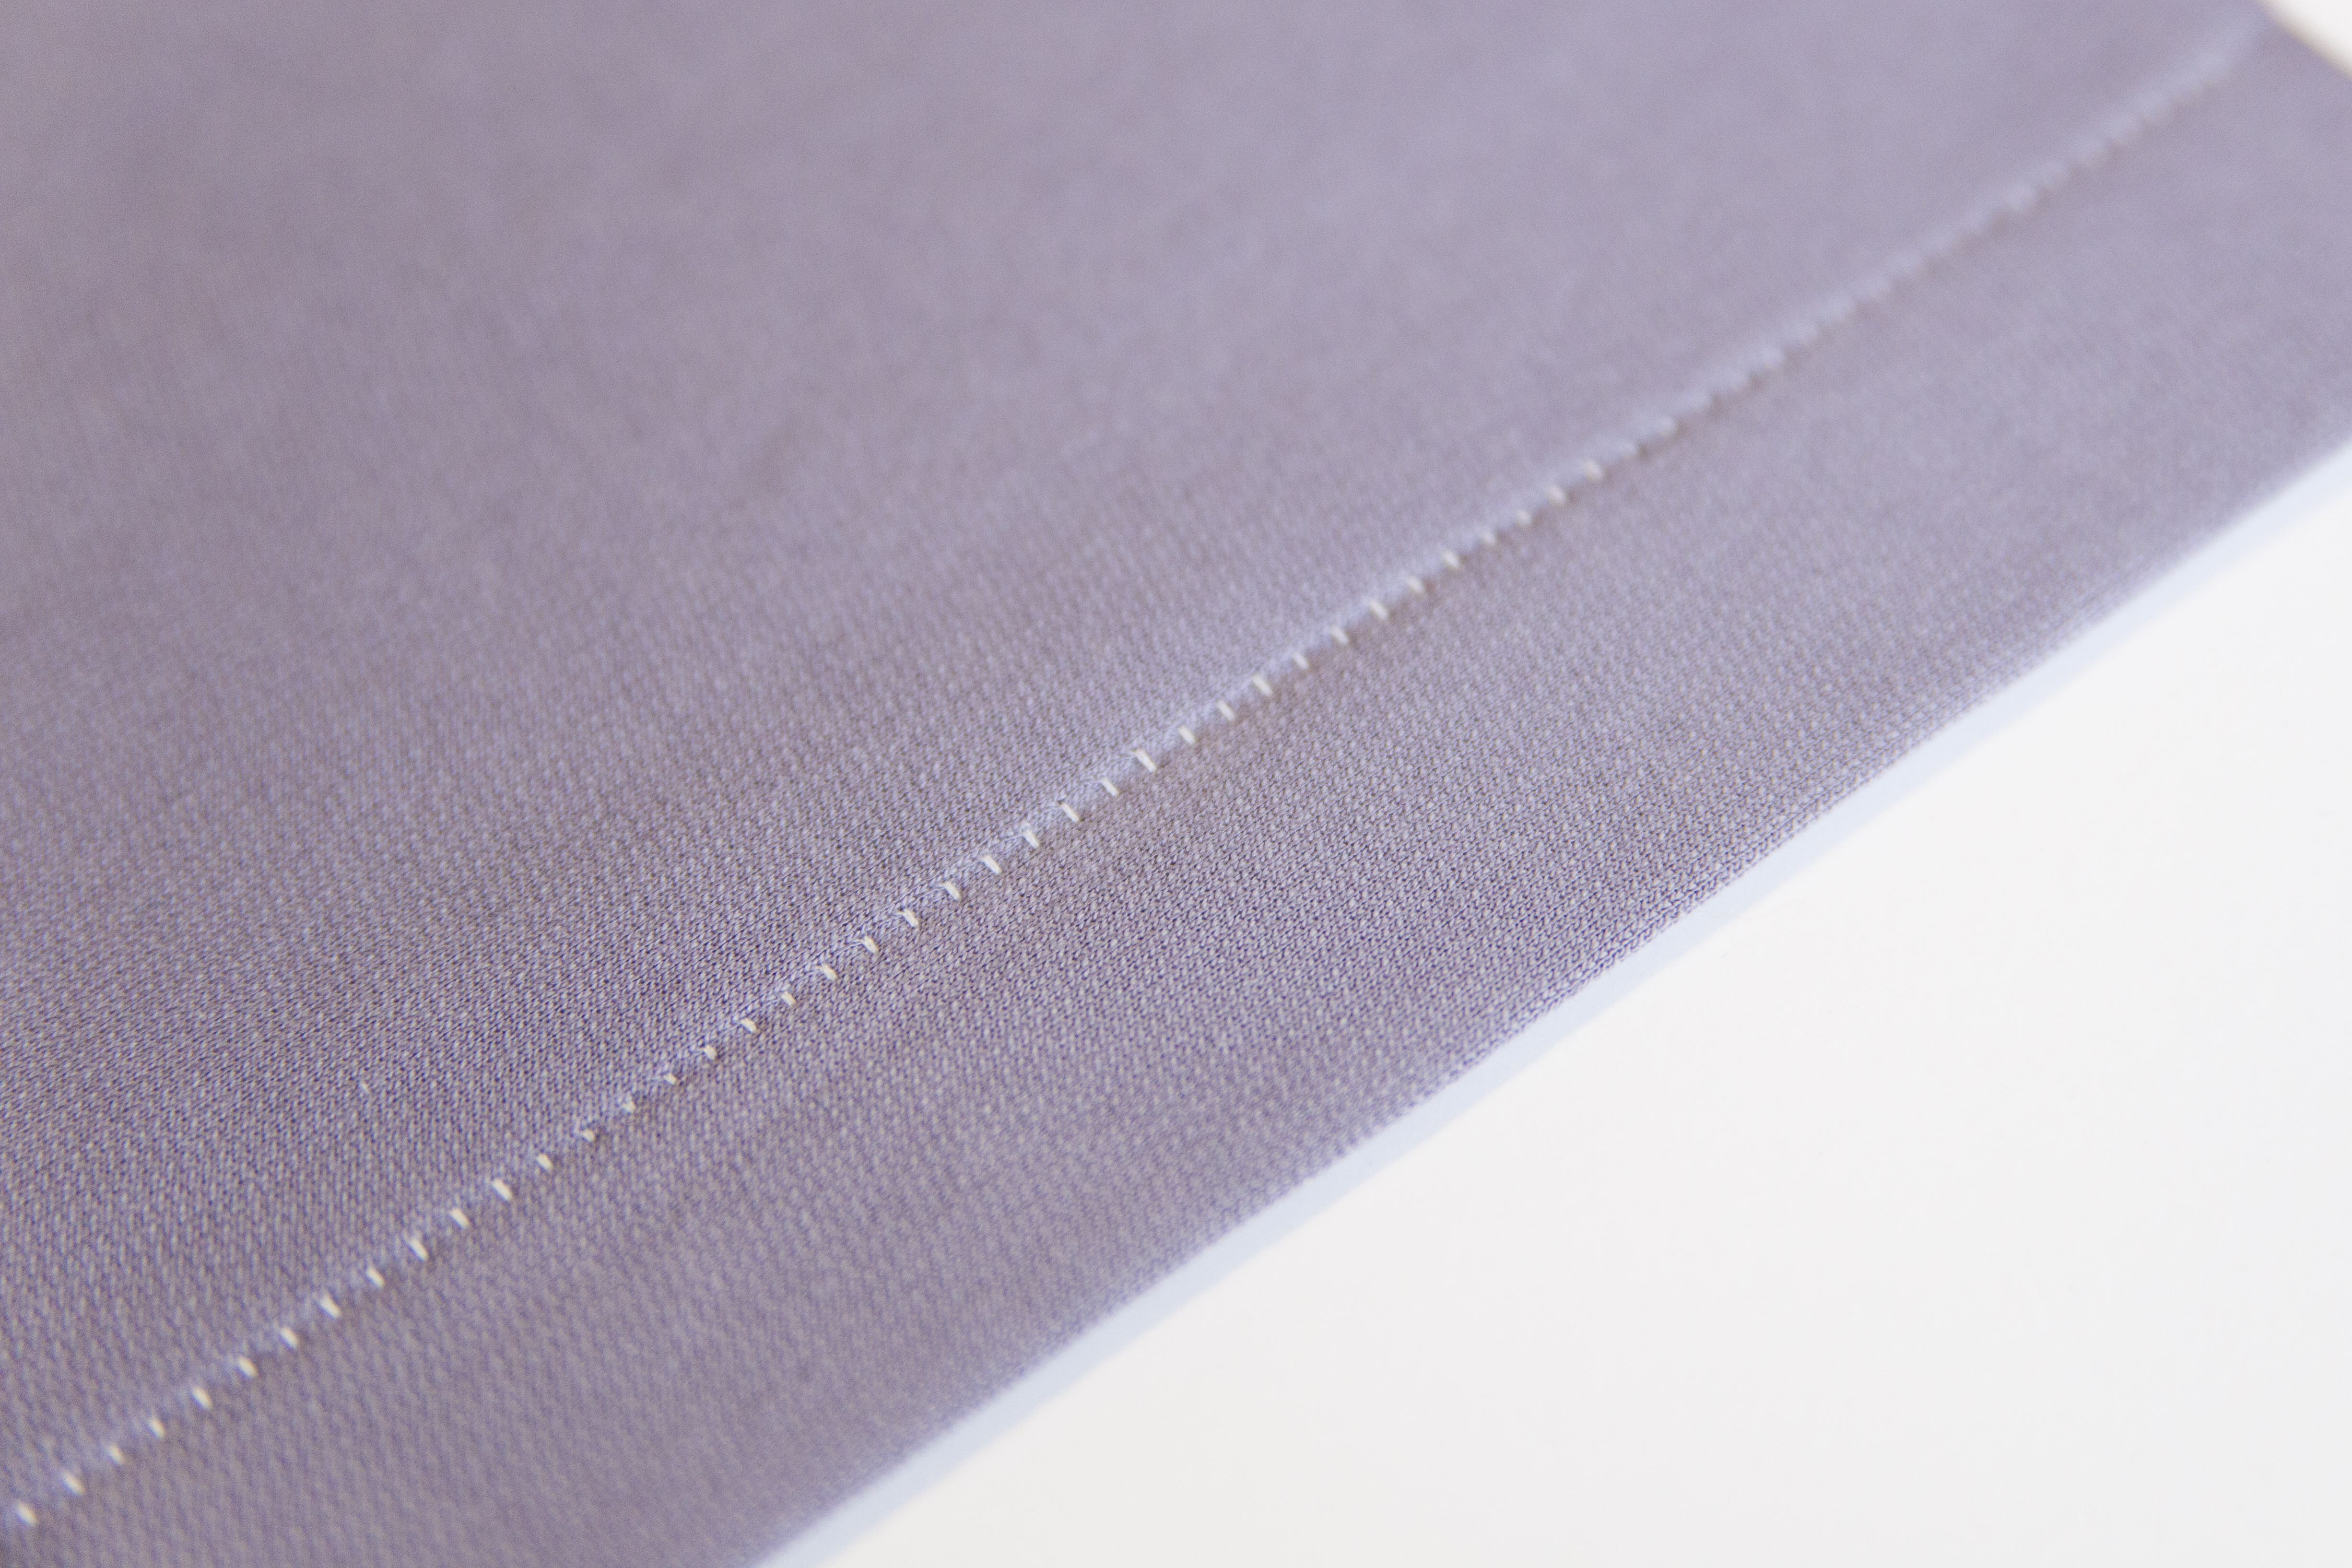 Three Ways to Hem Knit Garments | WeAllSew